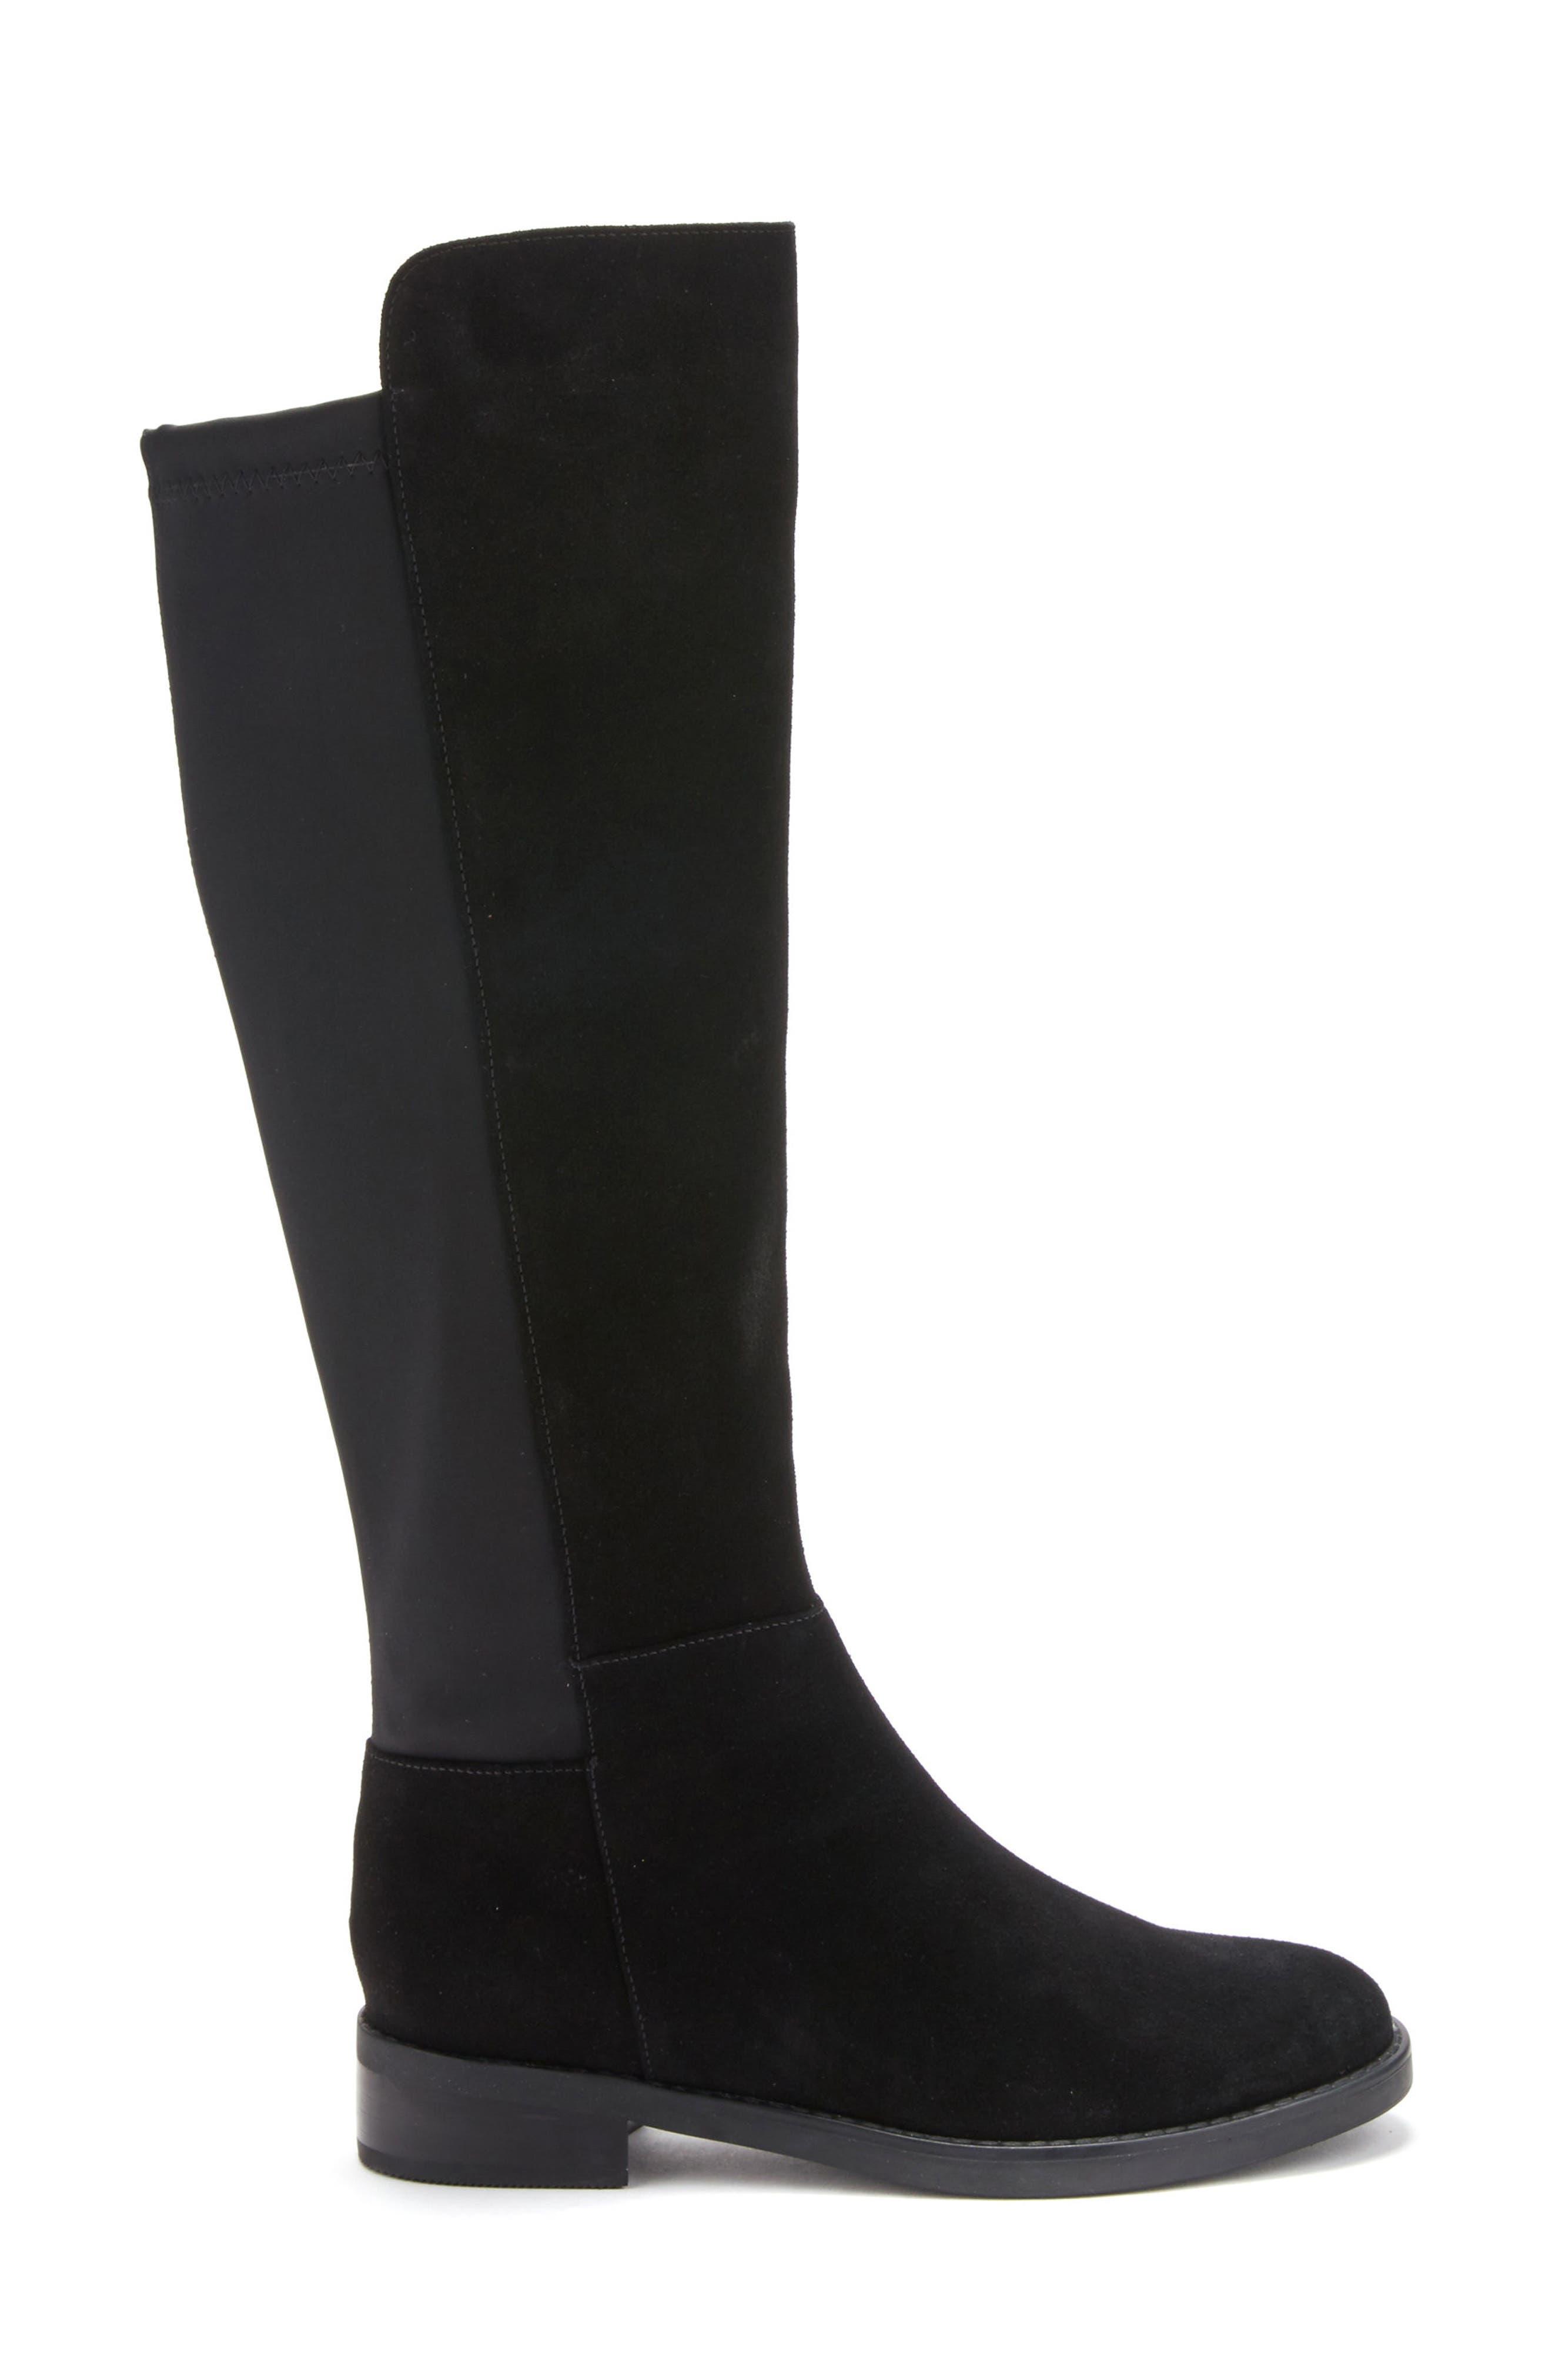 Ellie Waterproof Knee High Riding Boot,                             Alternate thumbnail 3, color,                             BLACK SUEDE